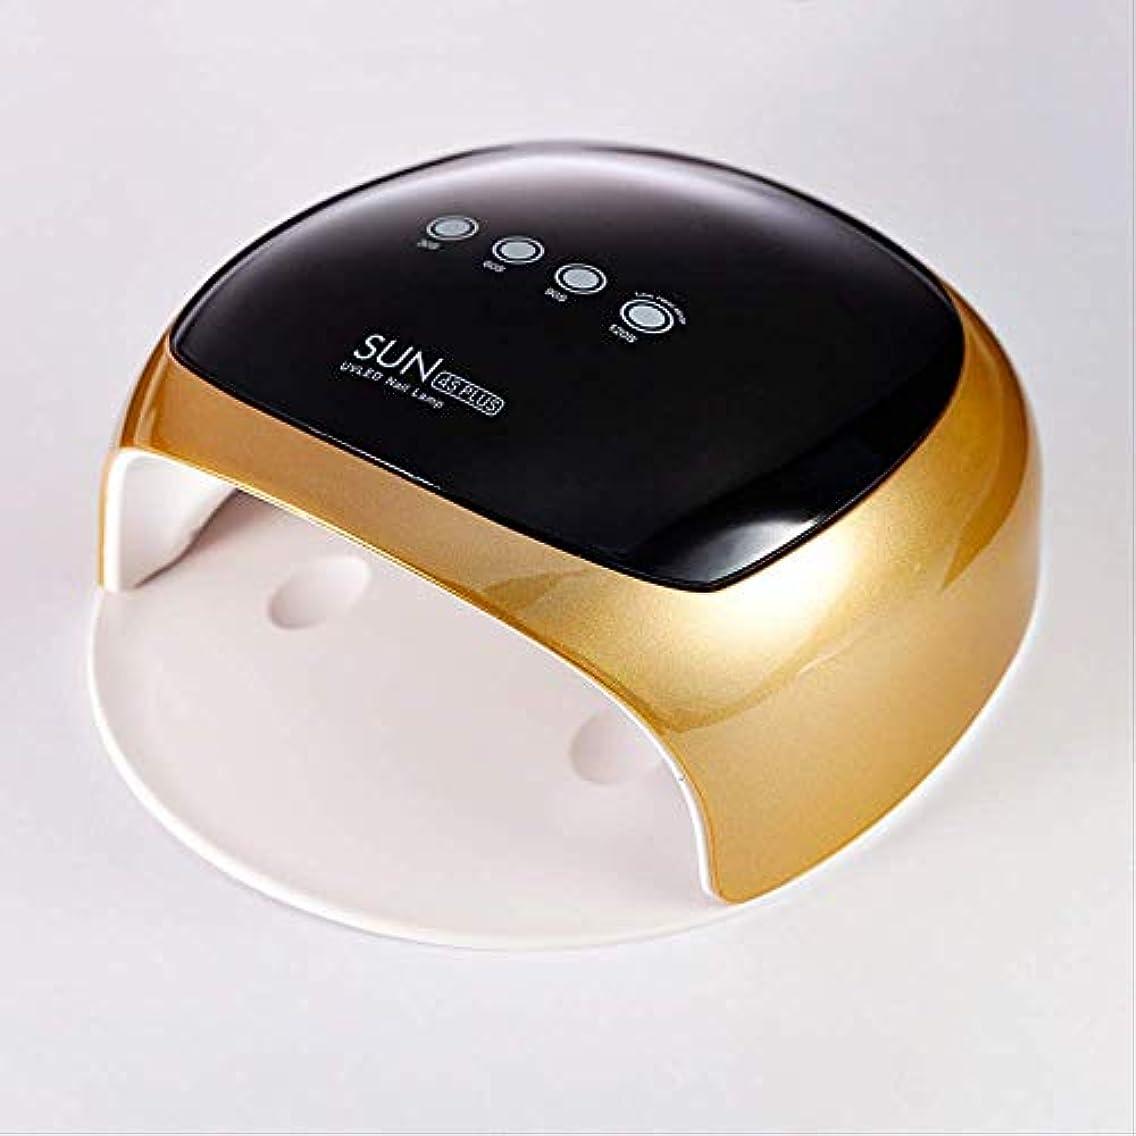 アナログリットルリテラシーRRSHUN 52WデュアルライトUVランプLEDネイルランプ自動感知ネイルドライヤーマニキュアツール硬化ジェルポリッシュ/ 60s / 90s / 120タイマーLCDディスプレイ